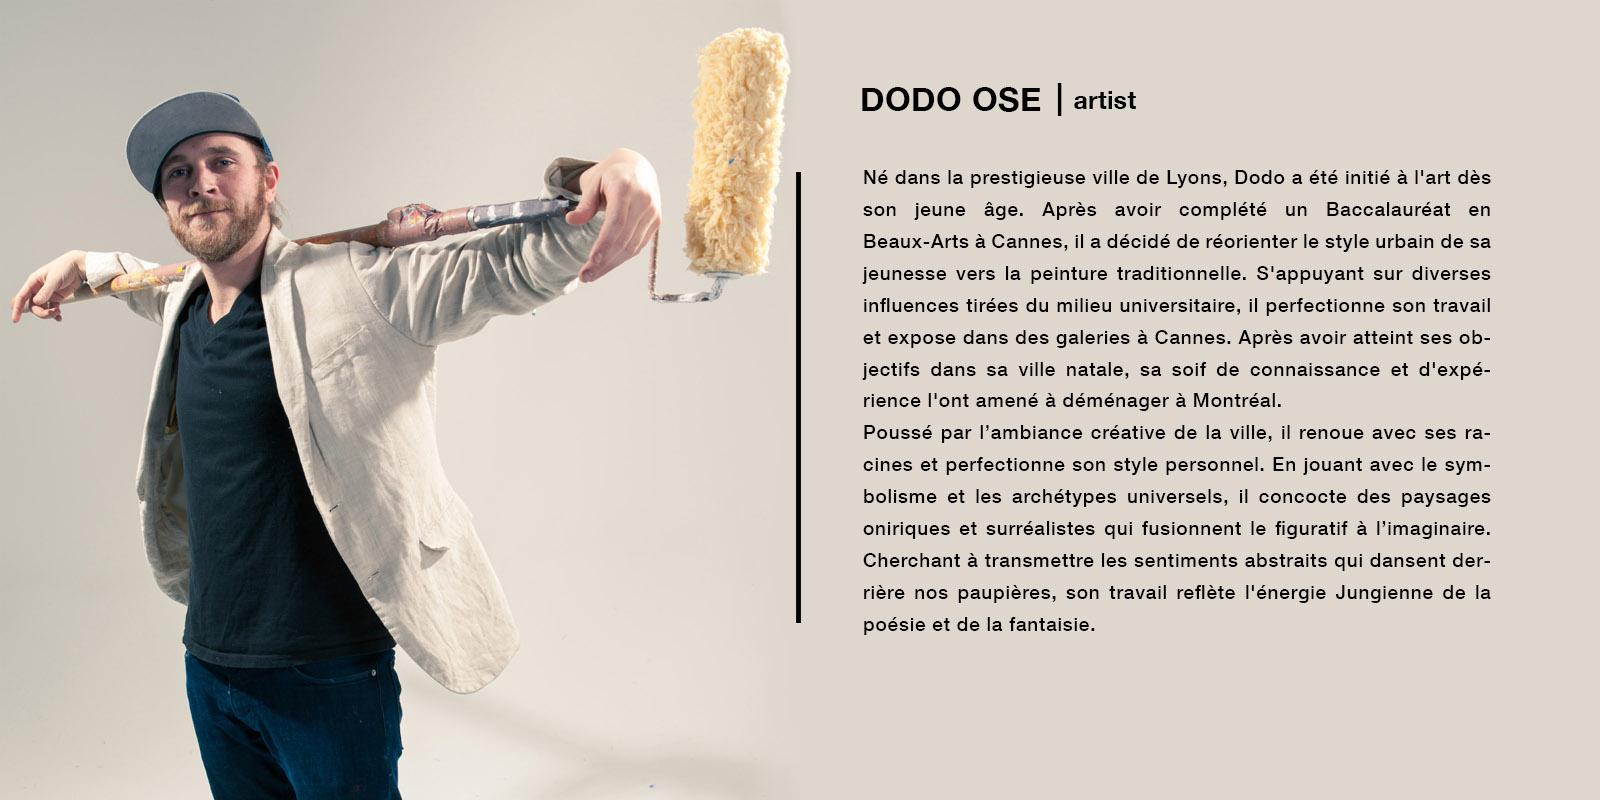 Dodo_fr.jpg